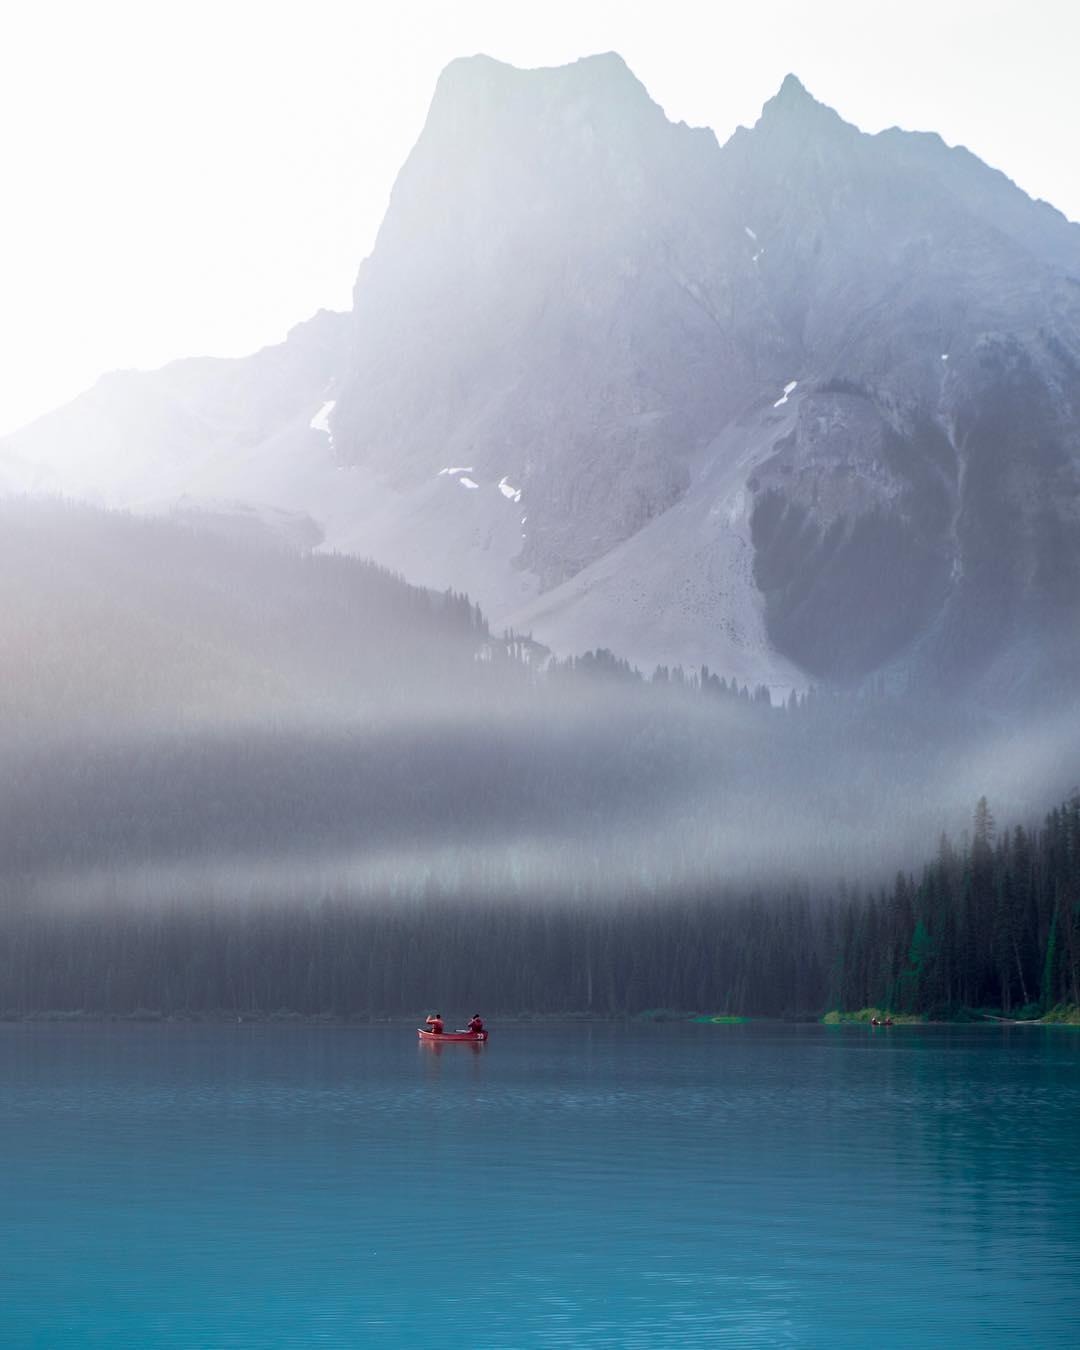 Удивительные пейзажи со всего мира в работах фотографа Сэма Вибово